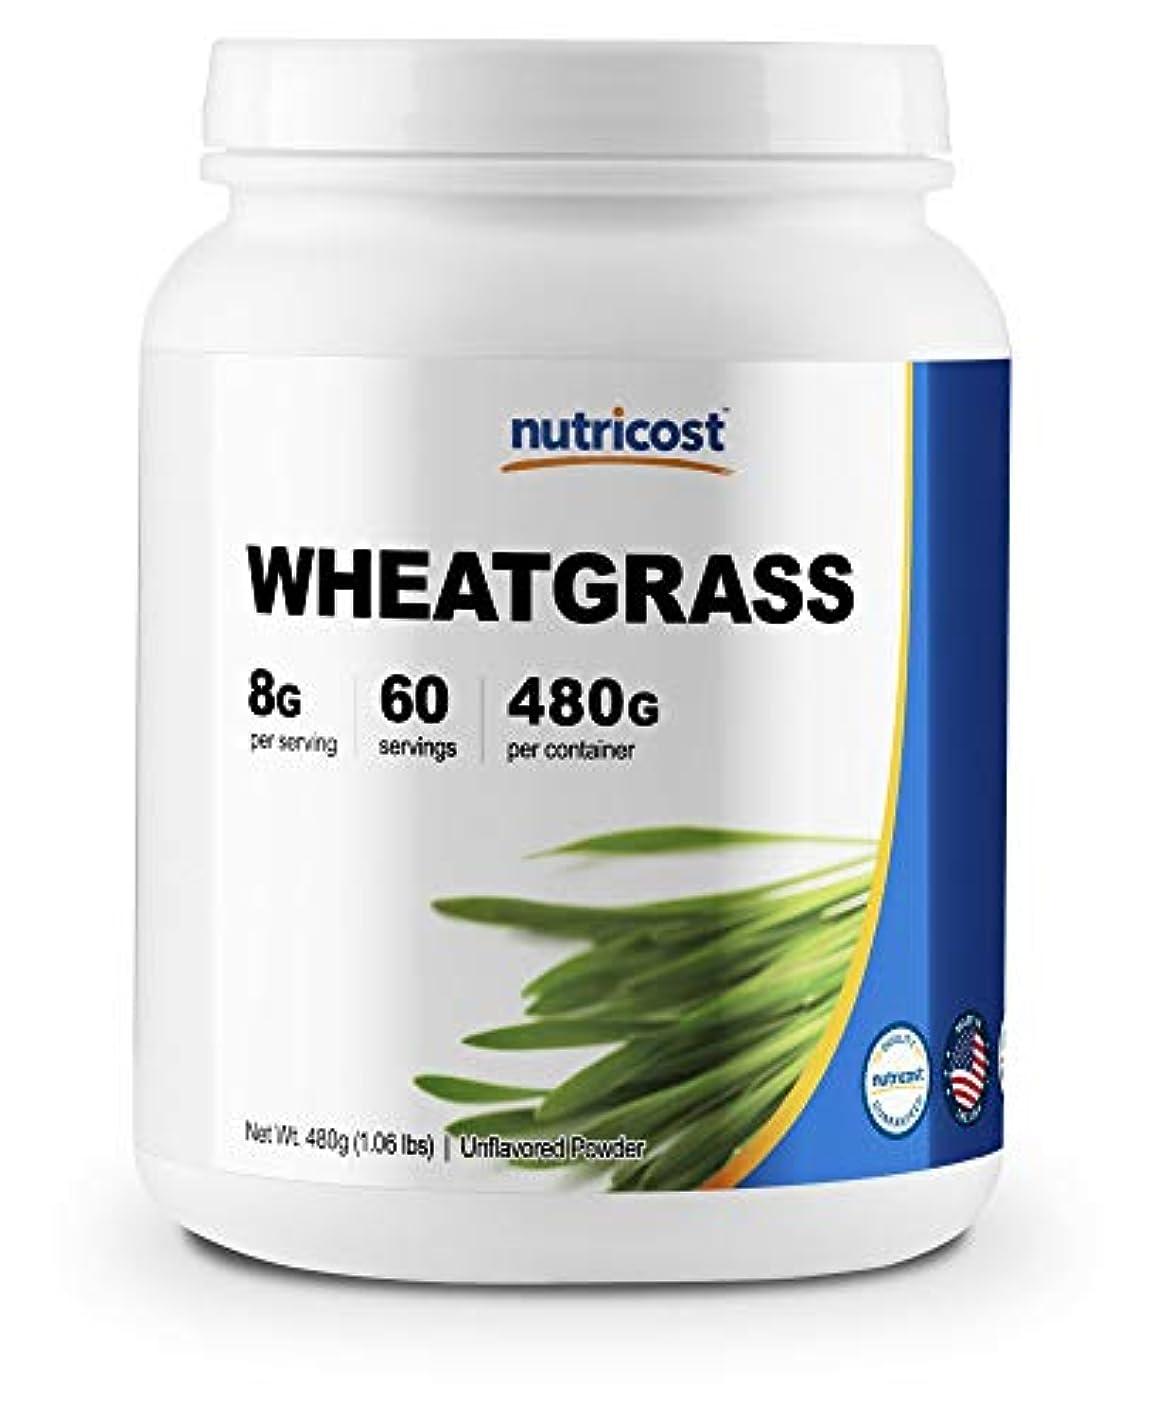 リンスアルバニーポルトガル語Nutricost ウィートグラスパウダー (小麦若葉)、60食分、非GMO、グルテンフリー